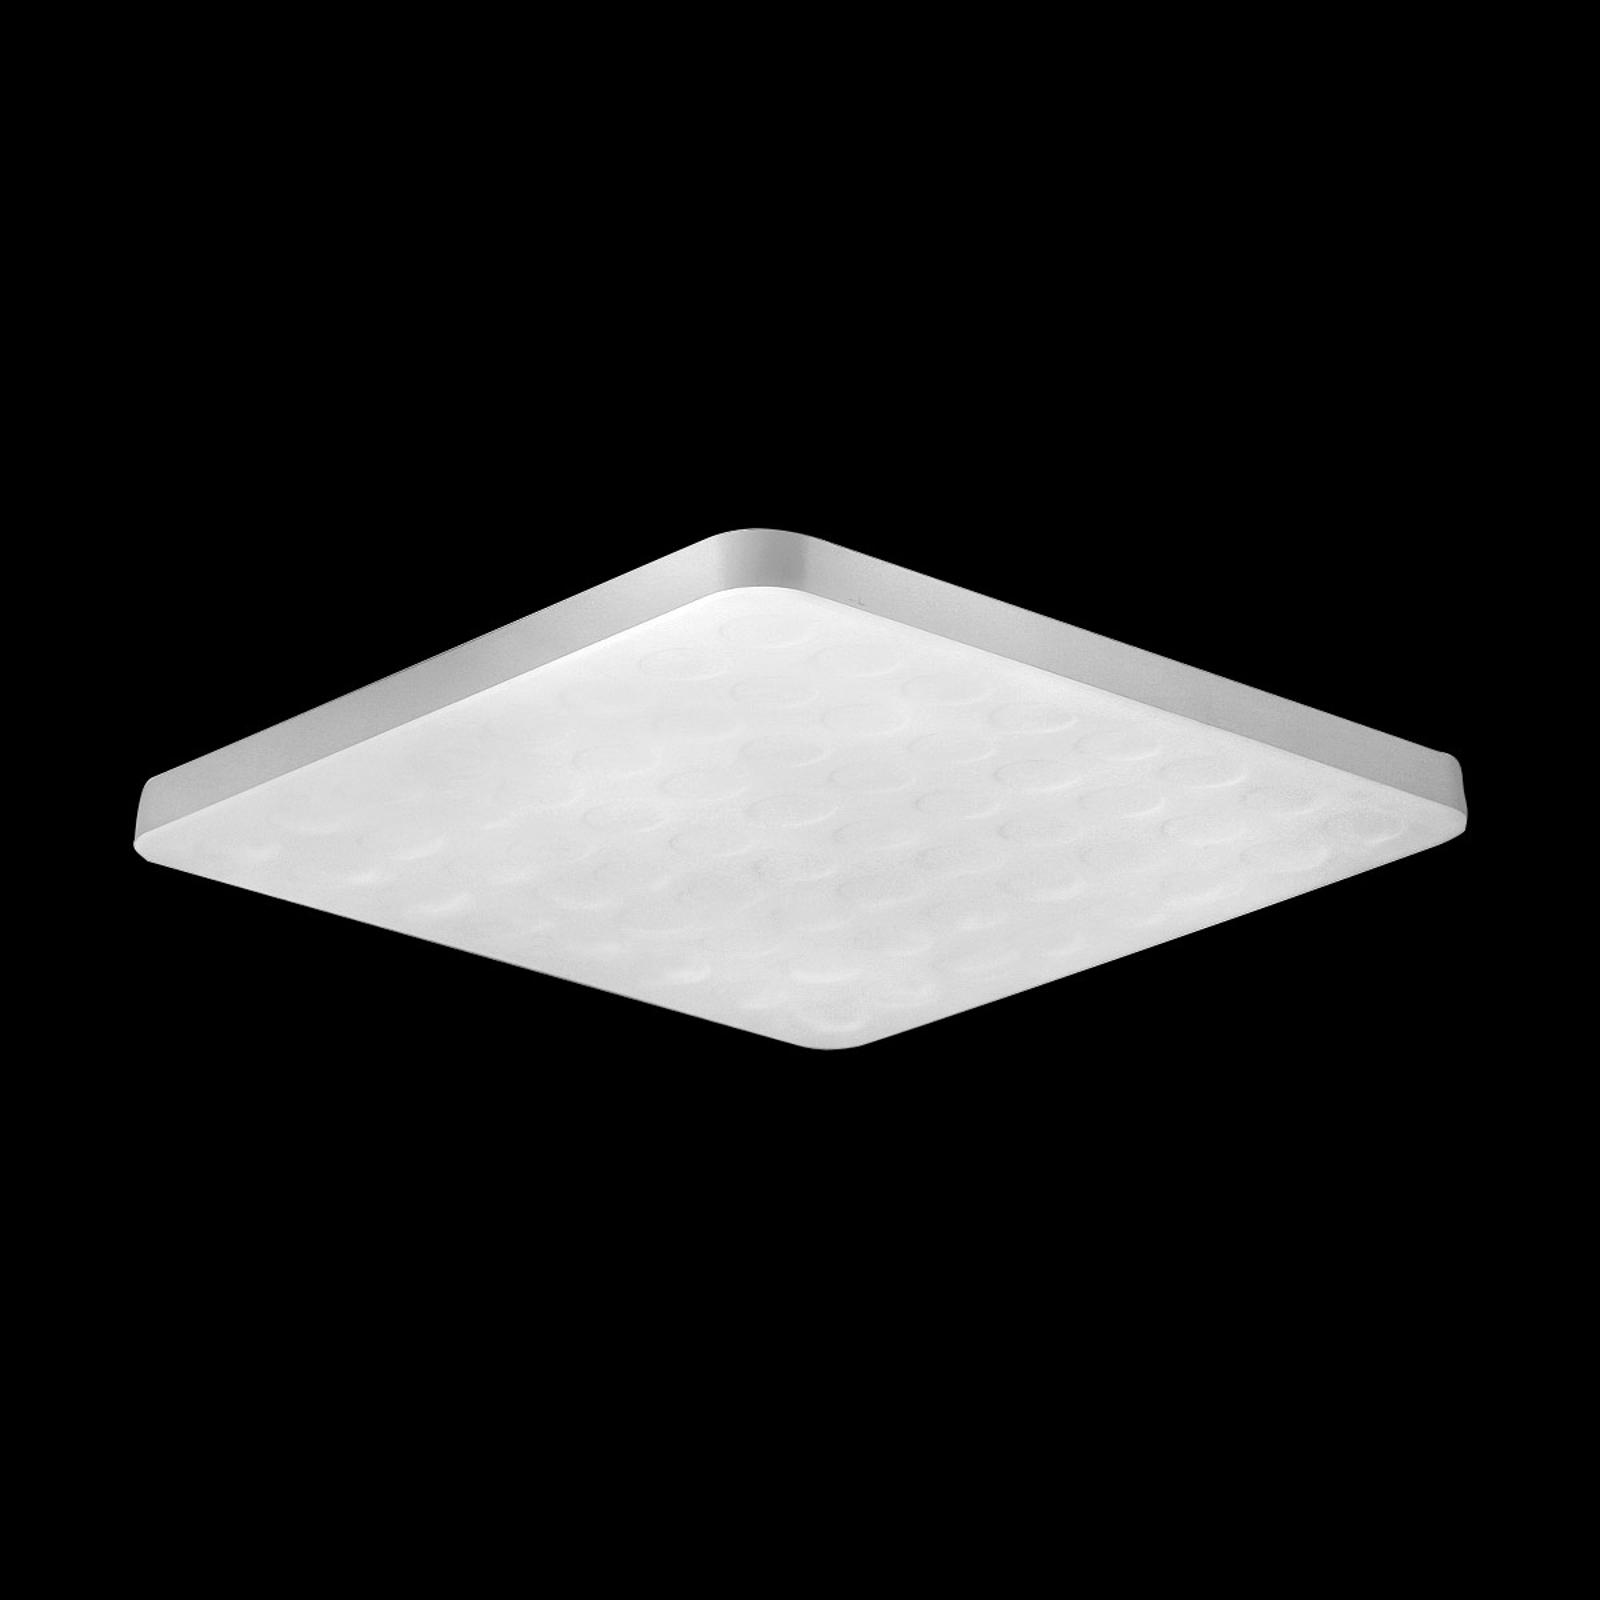 Polly LED-Deckenleuchte 28W, kleine Lochung